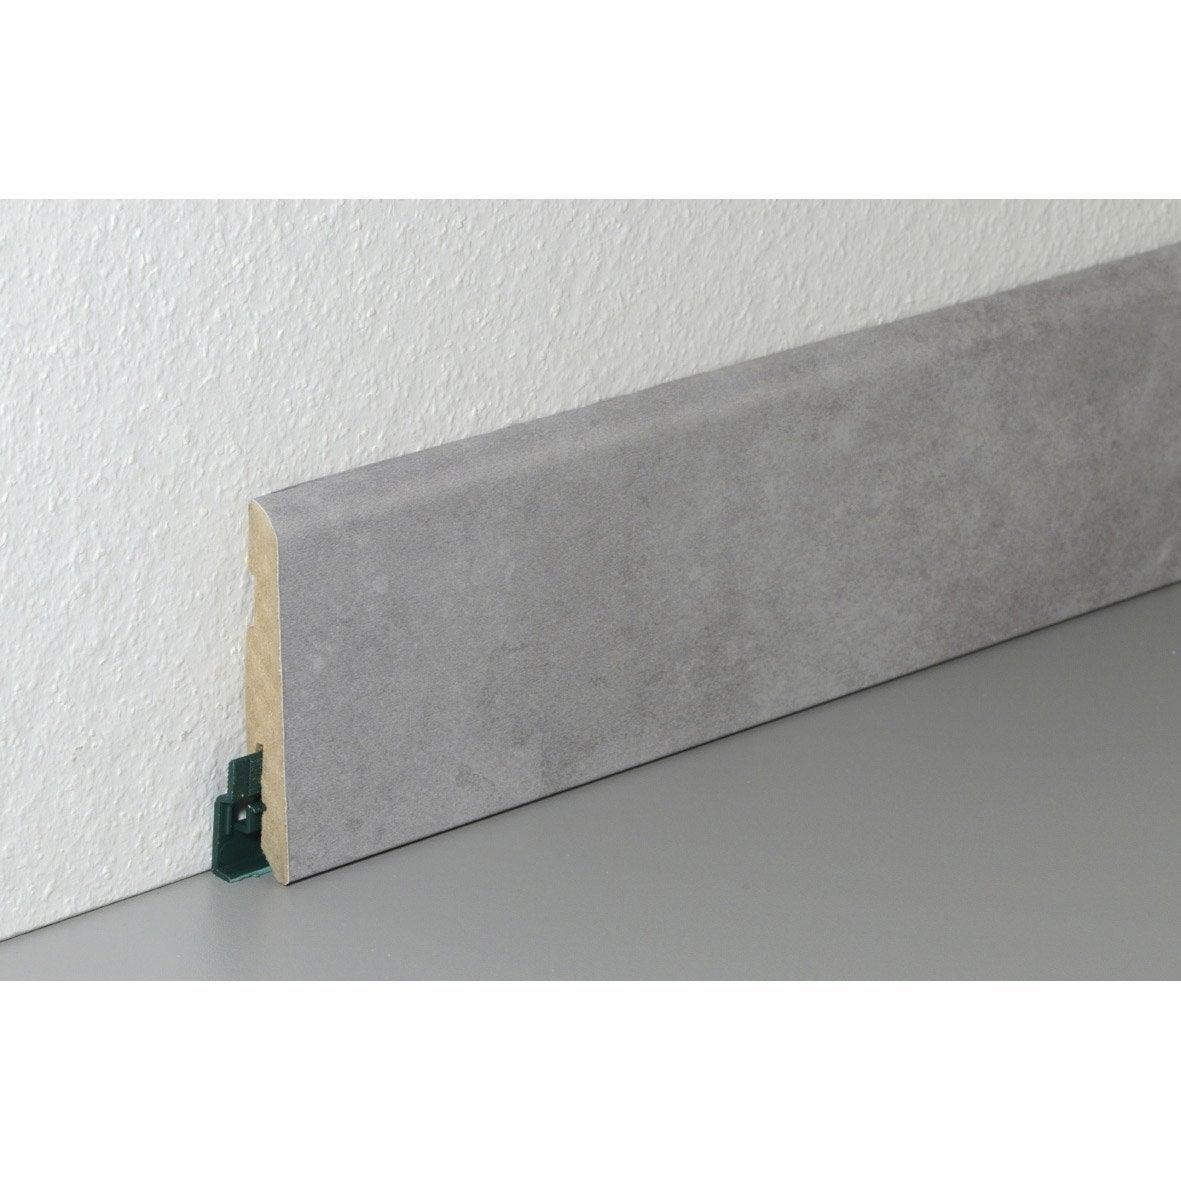 plinthe pour sol stratifi d cor gris clair 220 cm x 78 mm x 14 mm leroy merlin. Black Bedroom Furniture Sets. Home Design Ideas